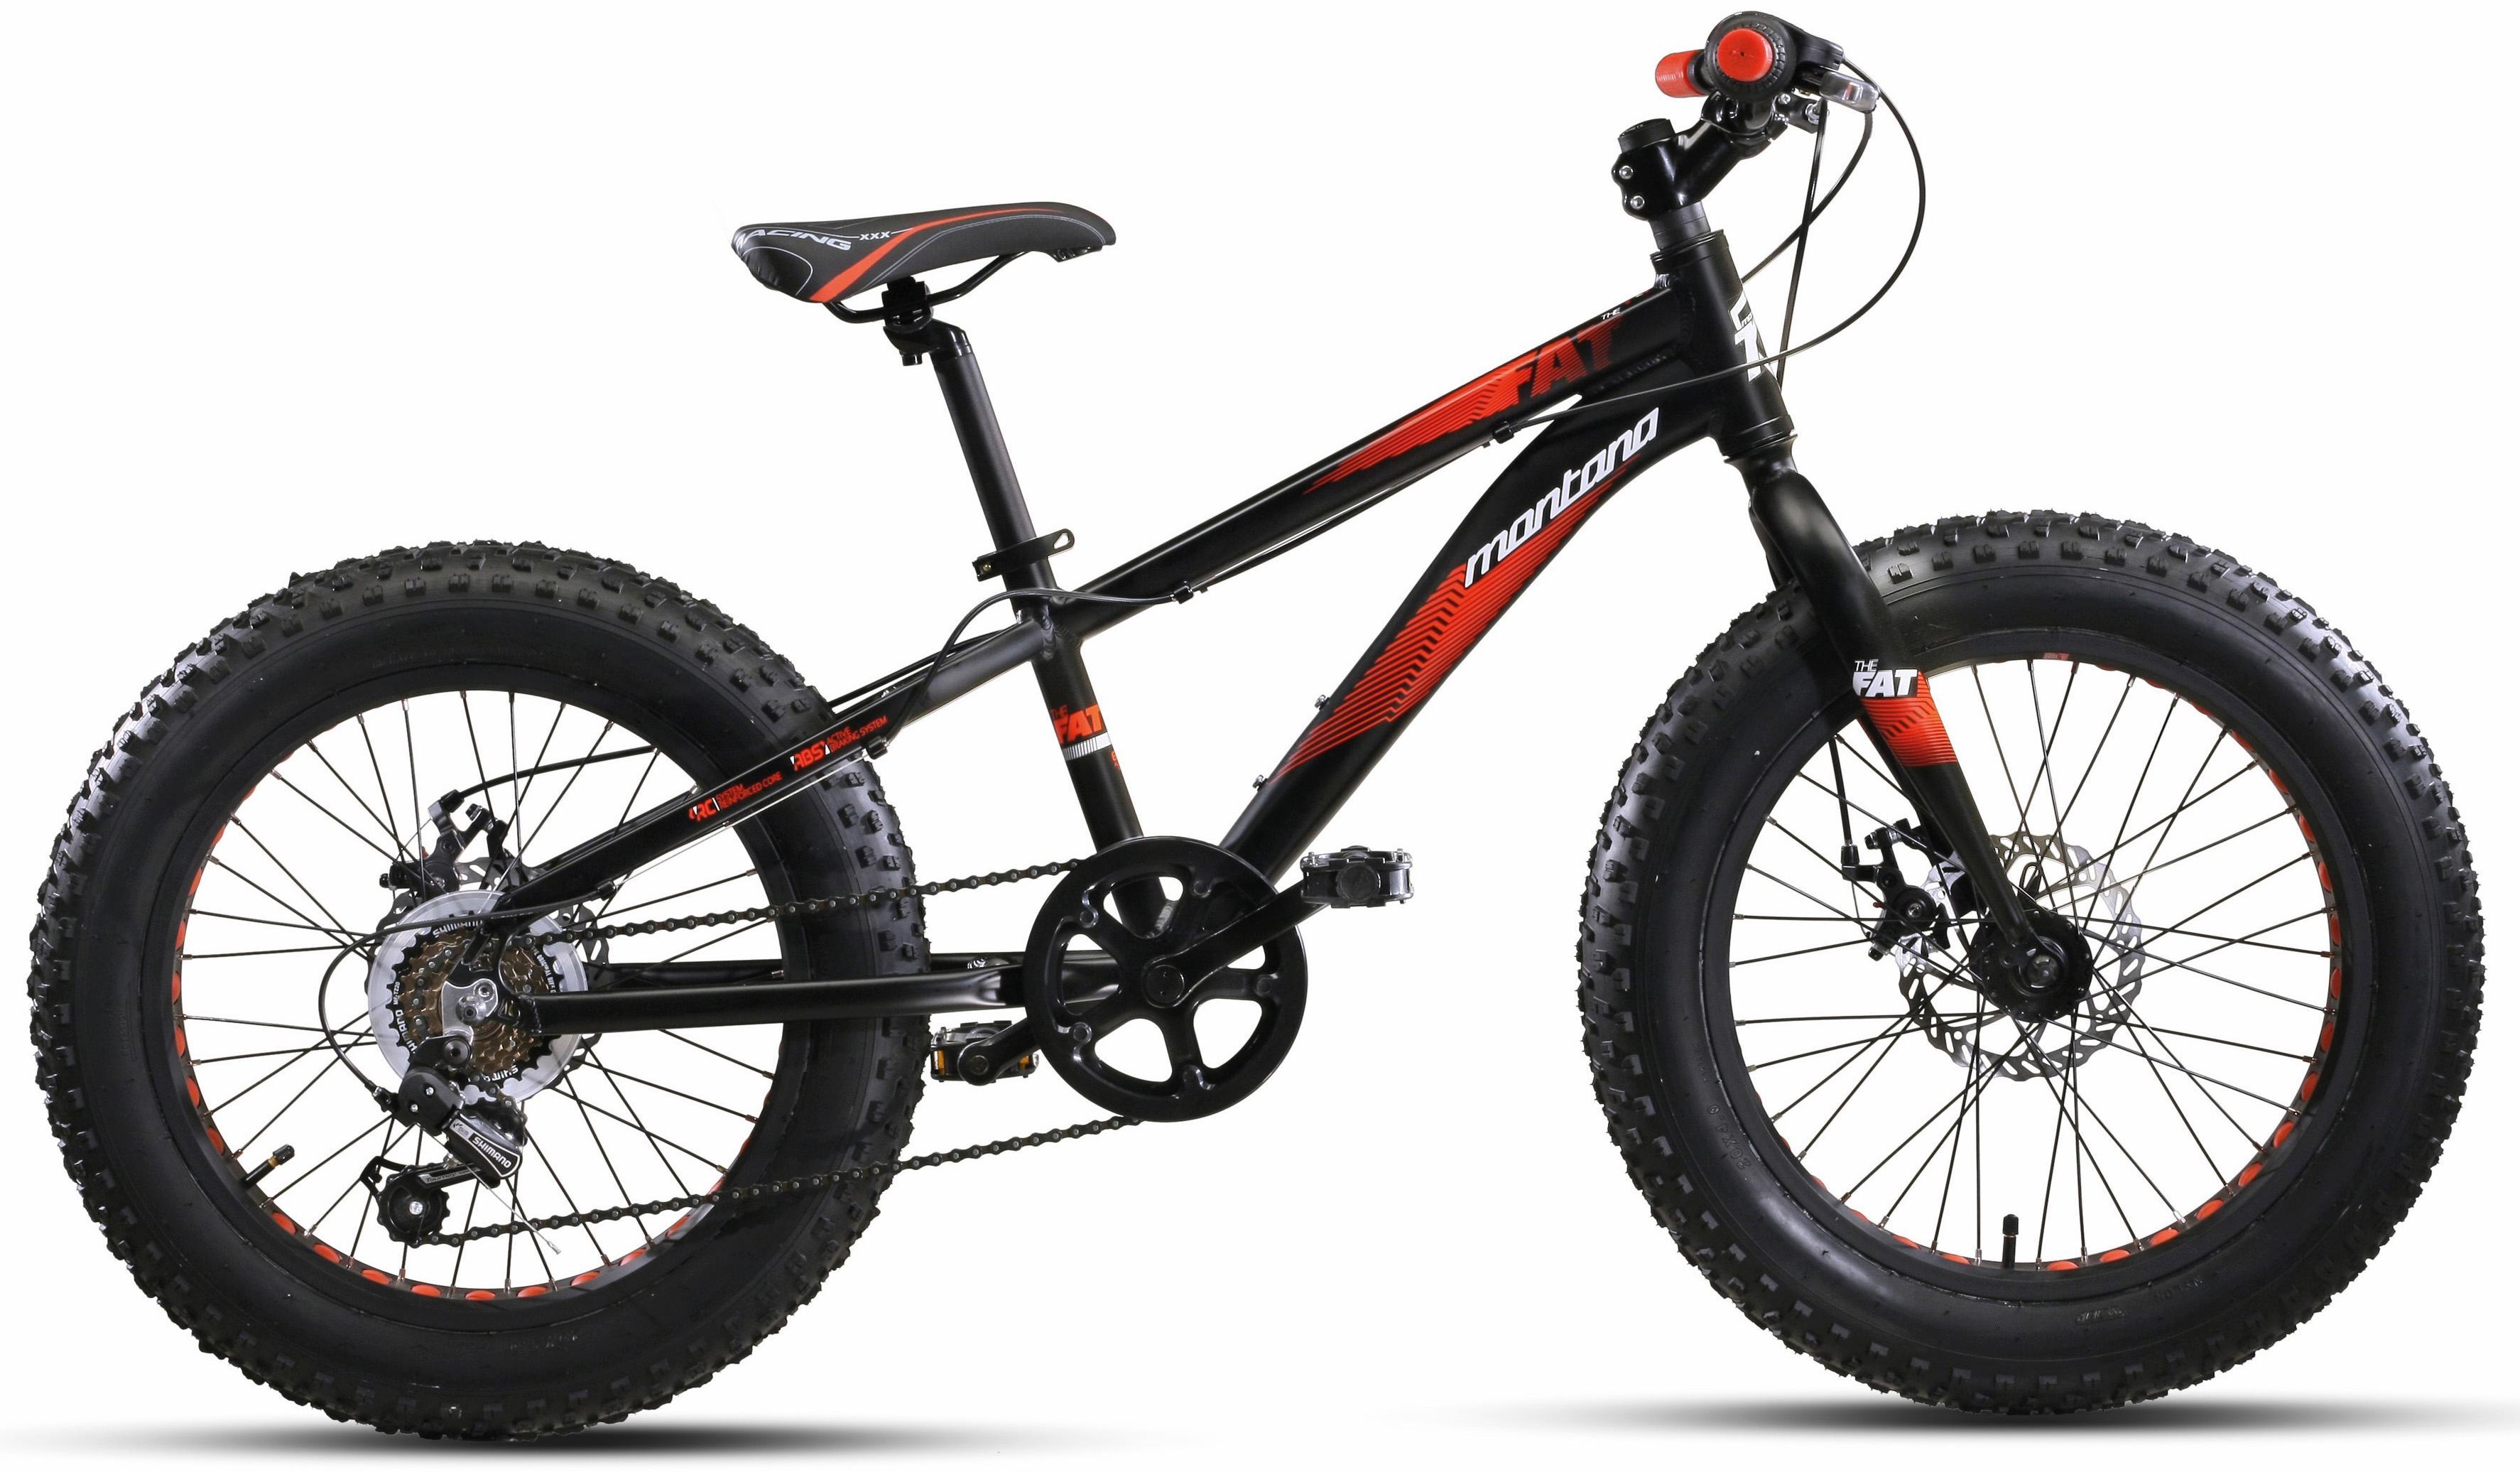 Montana Fahrräder Fatbike  20´´ FAT , 6 Gang Shimano TY-21 Schaltwerk, Kettenschaltung Preisvergleich